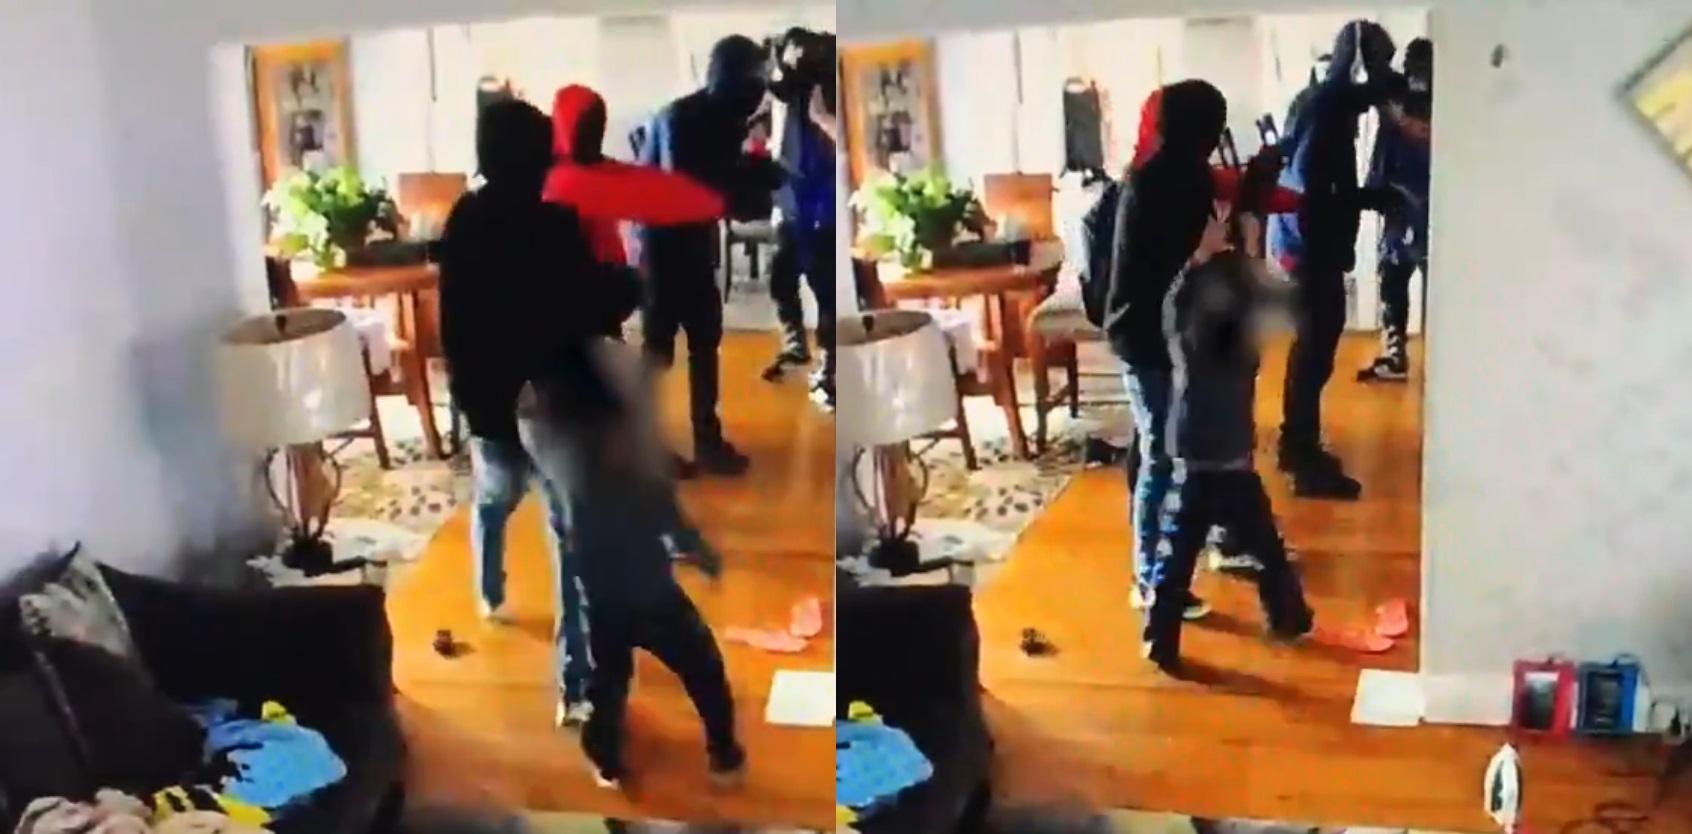 video-nino-defiende-familia-ataca-ladrones-entraron-a-su-casa